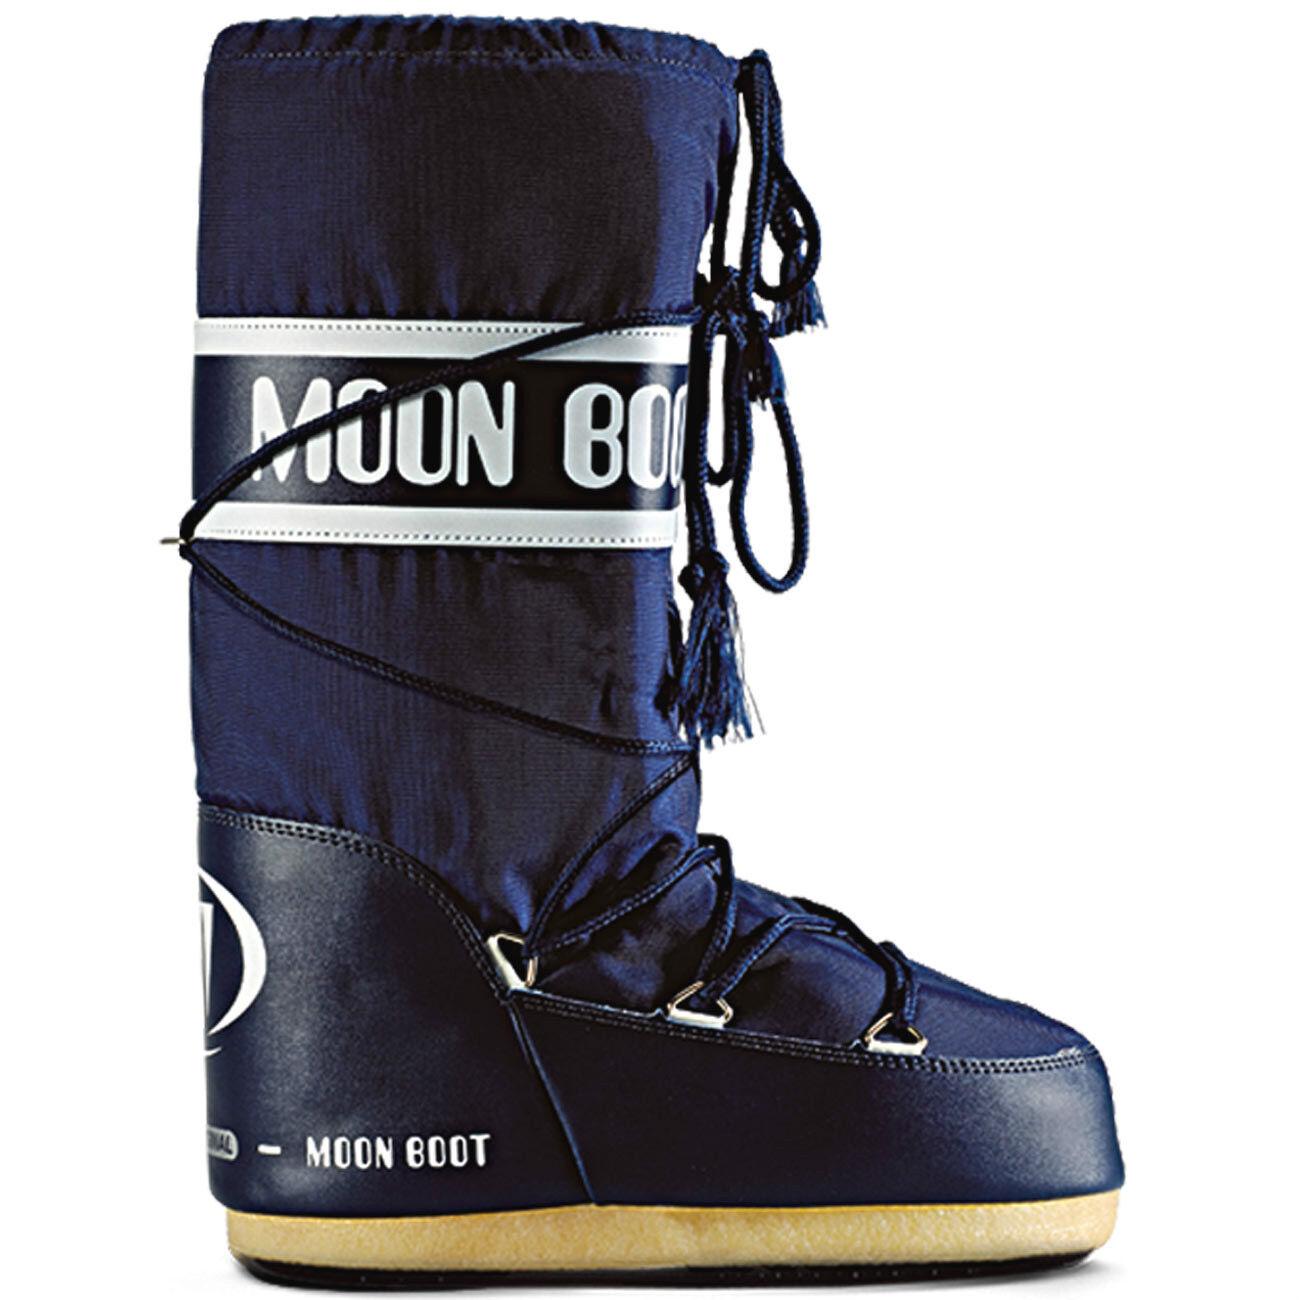 TECNICA Moonboots Moonboot Moon Boot Boots Nylon Schneestiefel Stiefel blau snow